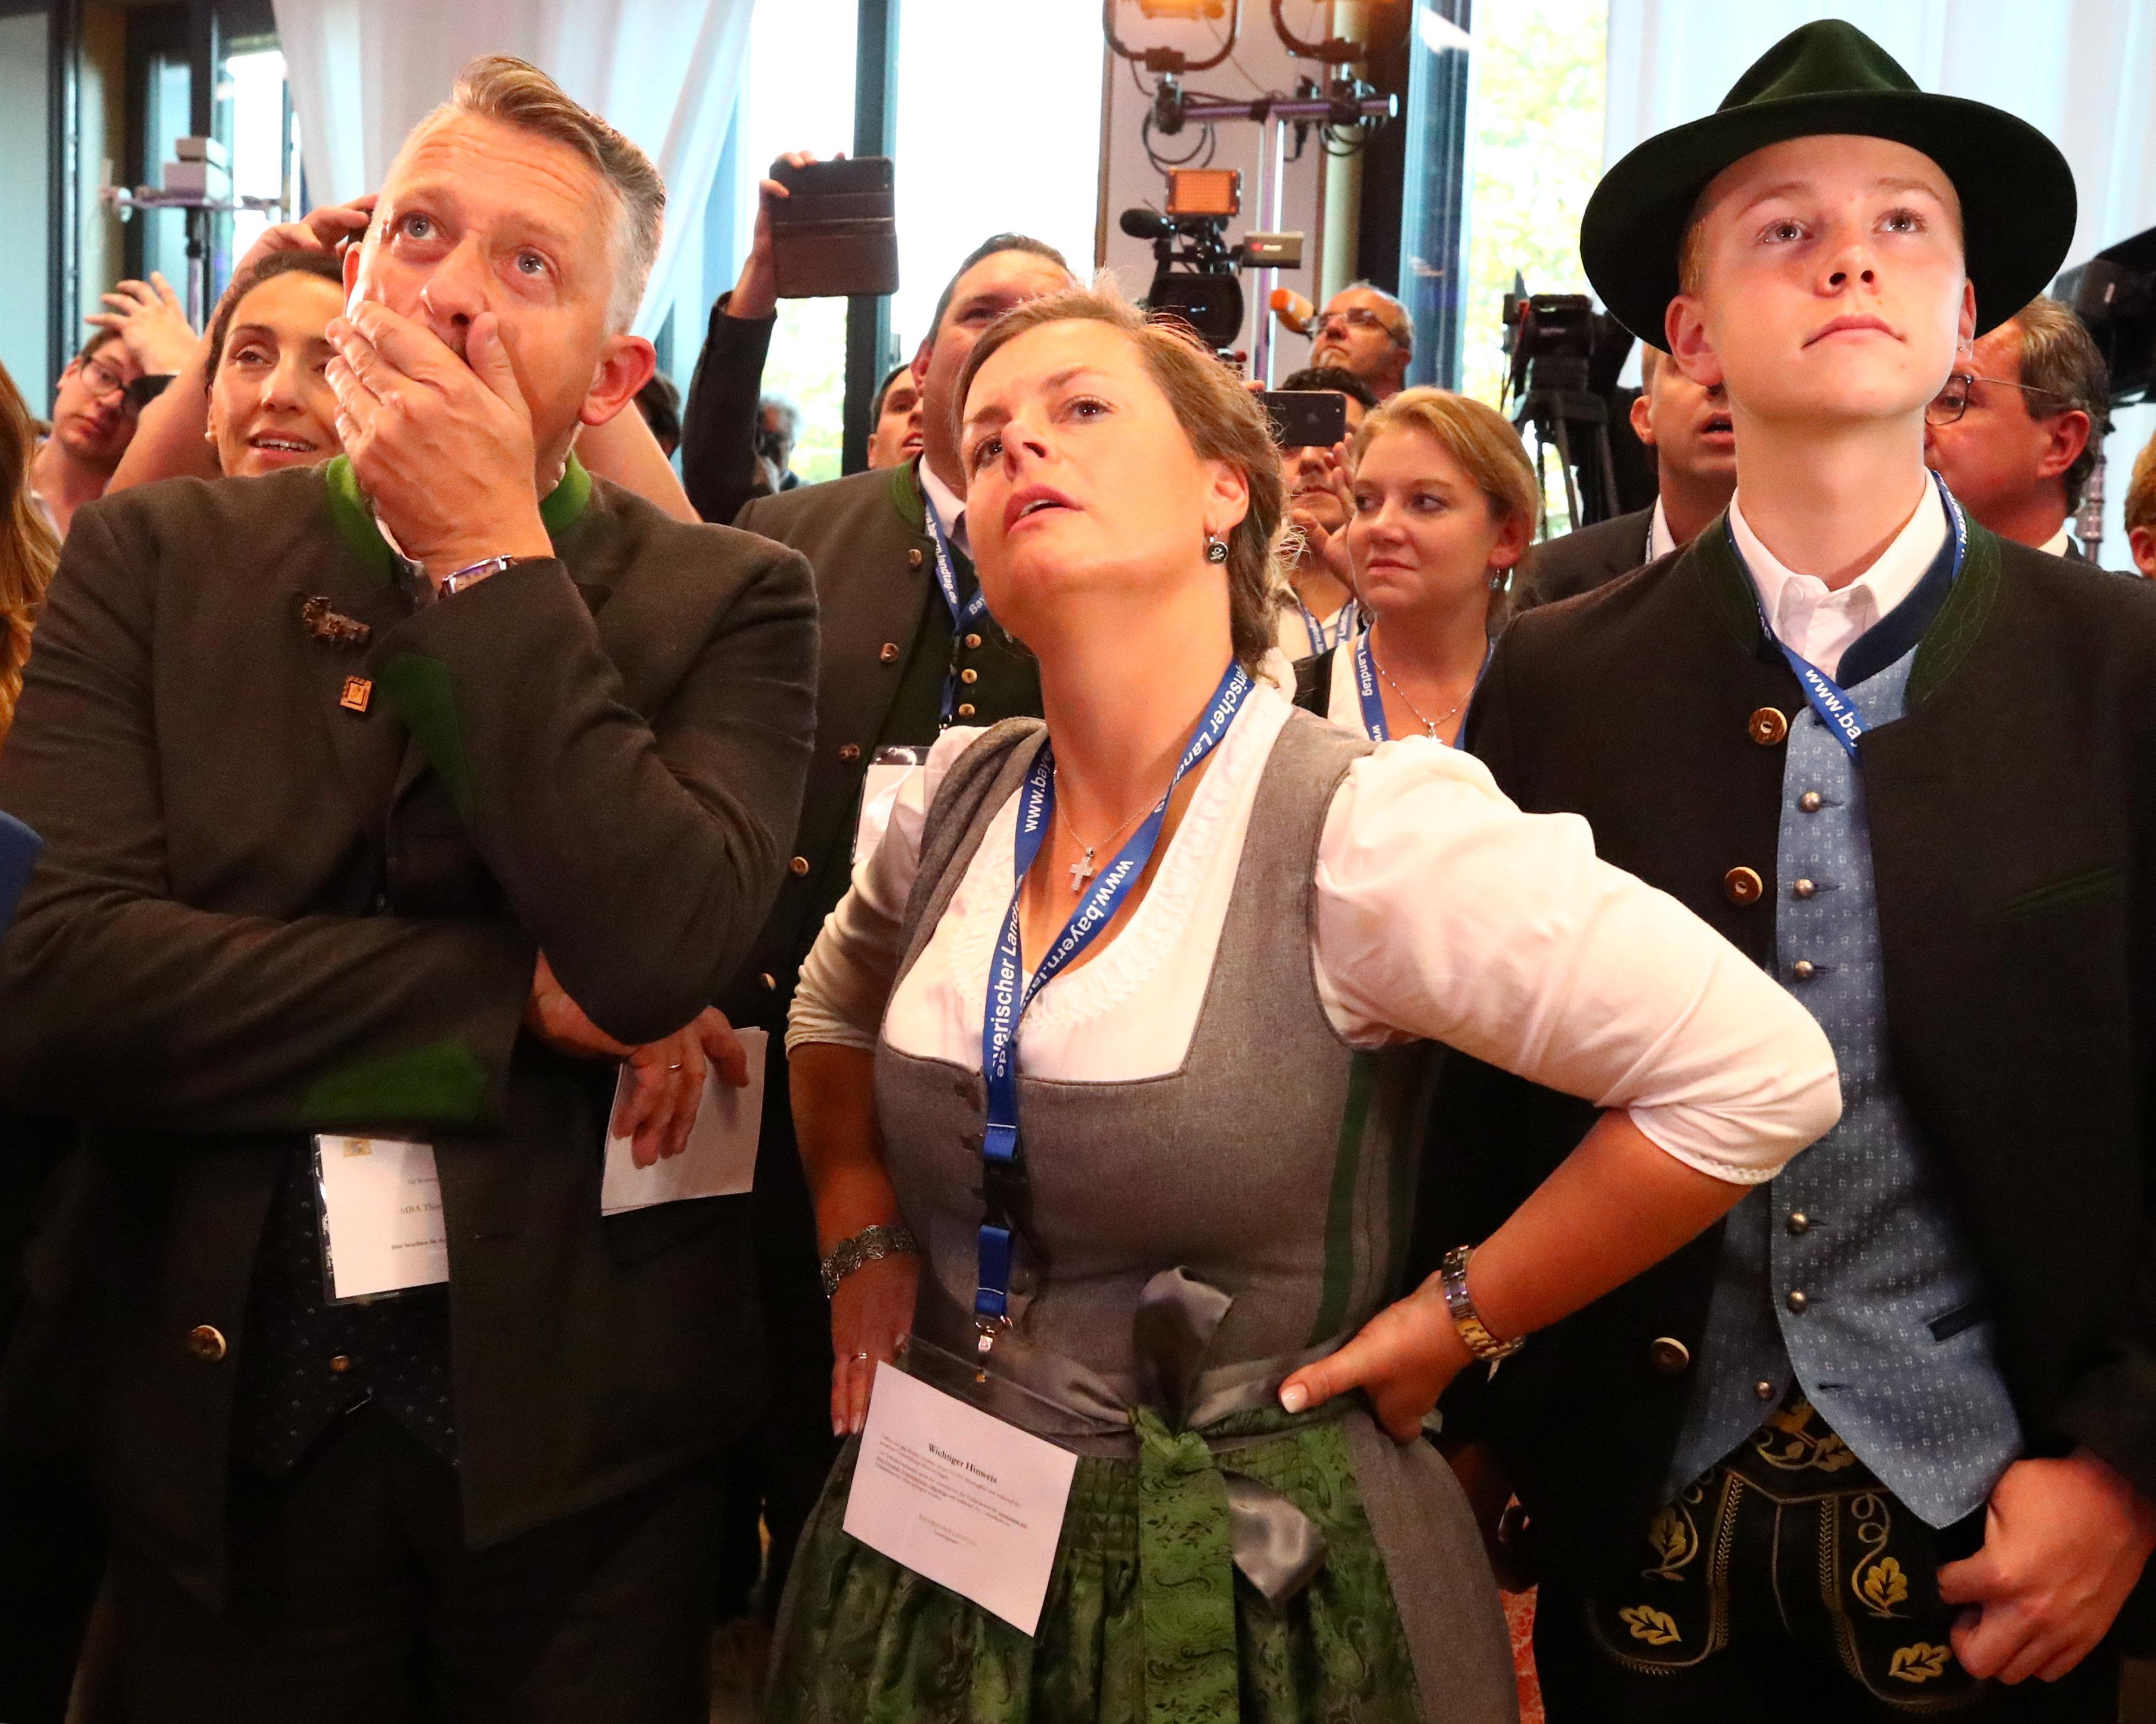 Τα αποτελέσματα των εκλογών και ο «βαυαρικός σεισμός» όπως τον περιγράφει ο γερμανικός